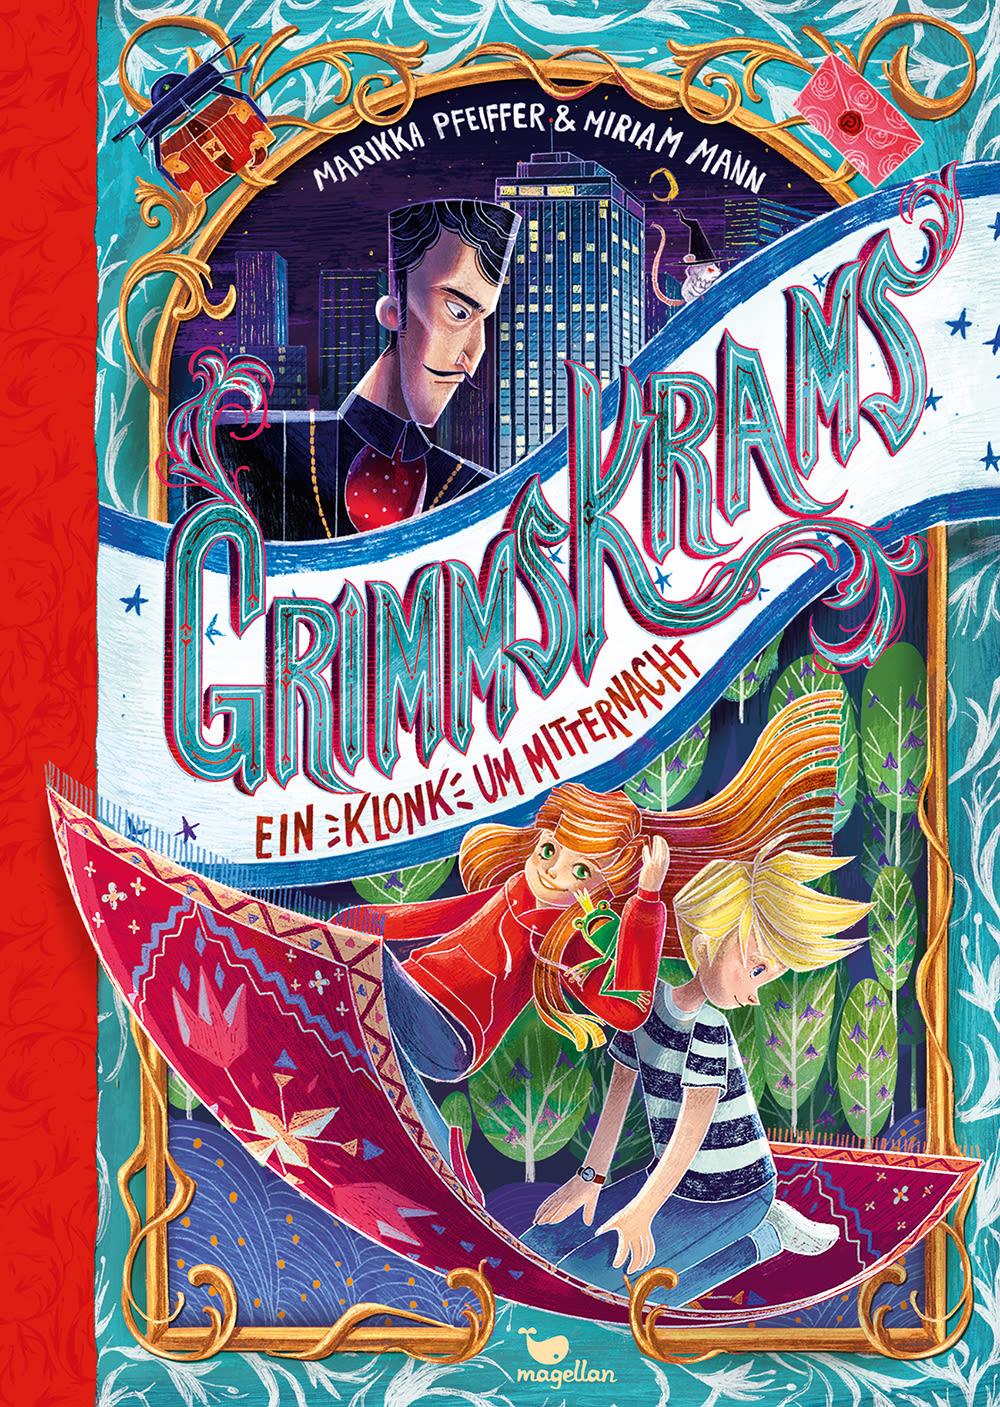 Grimmskrams - Ein Klonk um Mitternacht